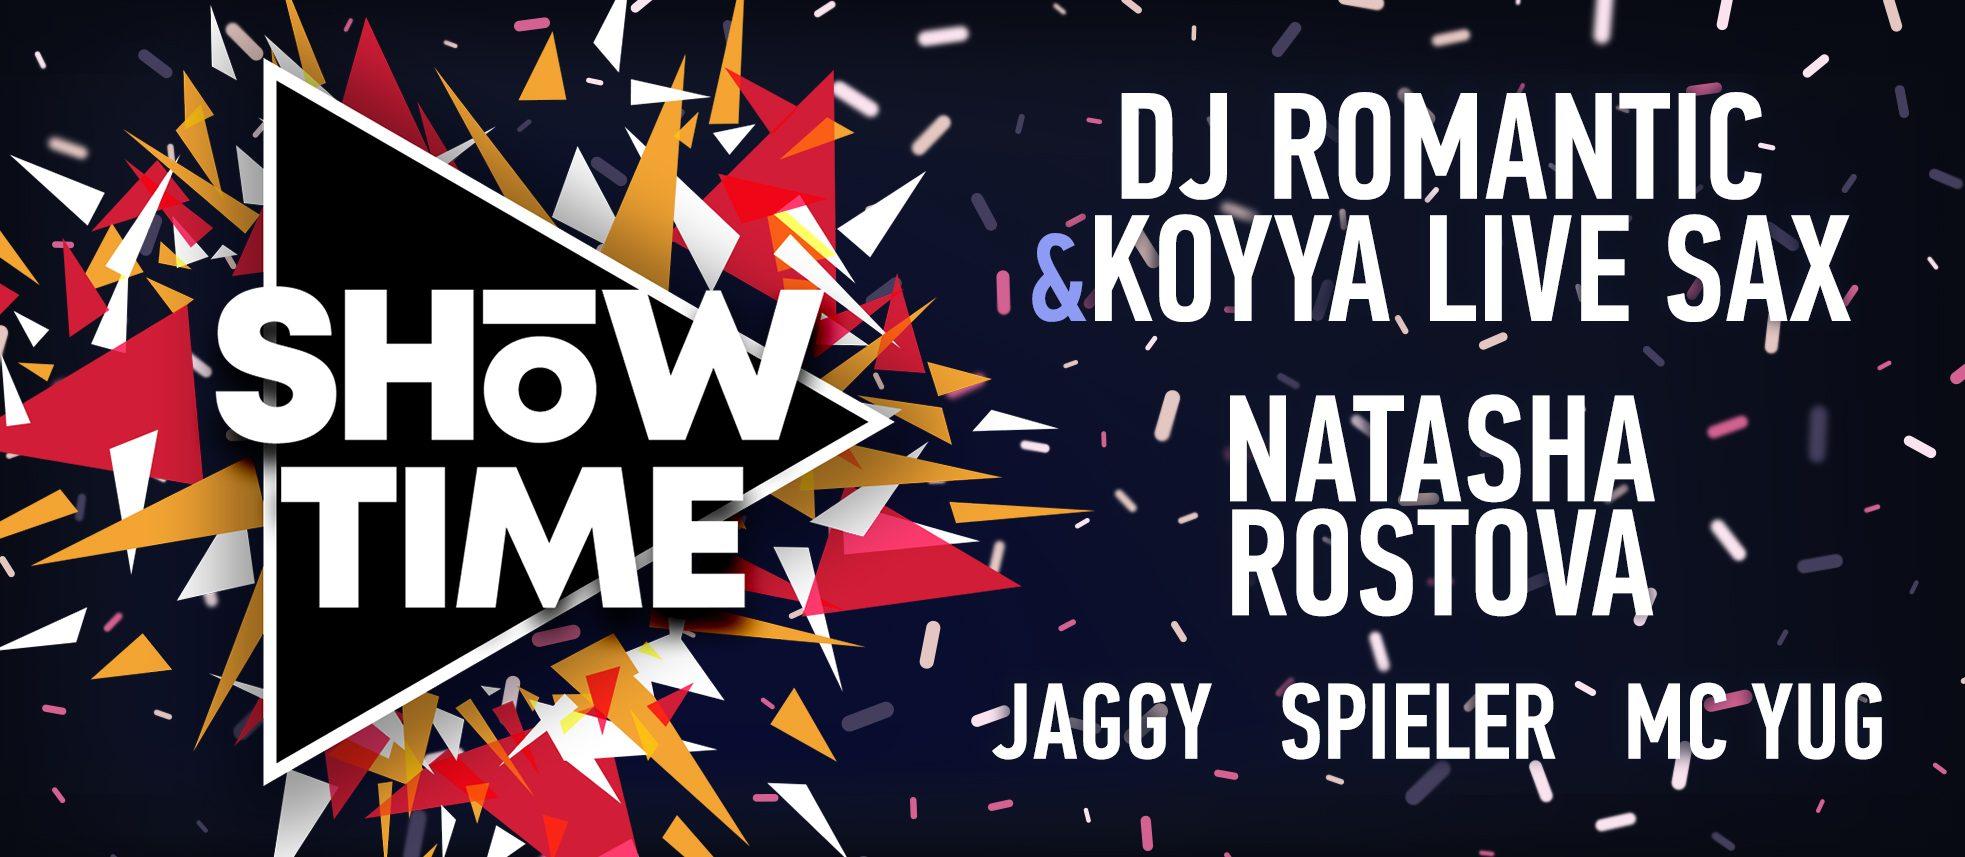 ShowTime! Dj Romantic & Koyya live sax, Dj Natasha Rostova